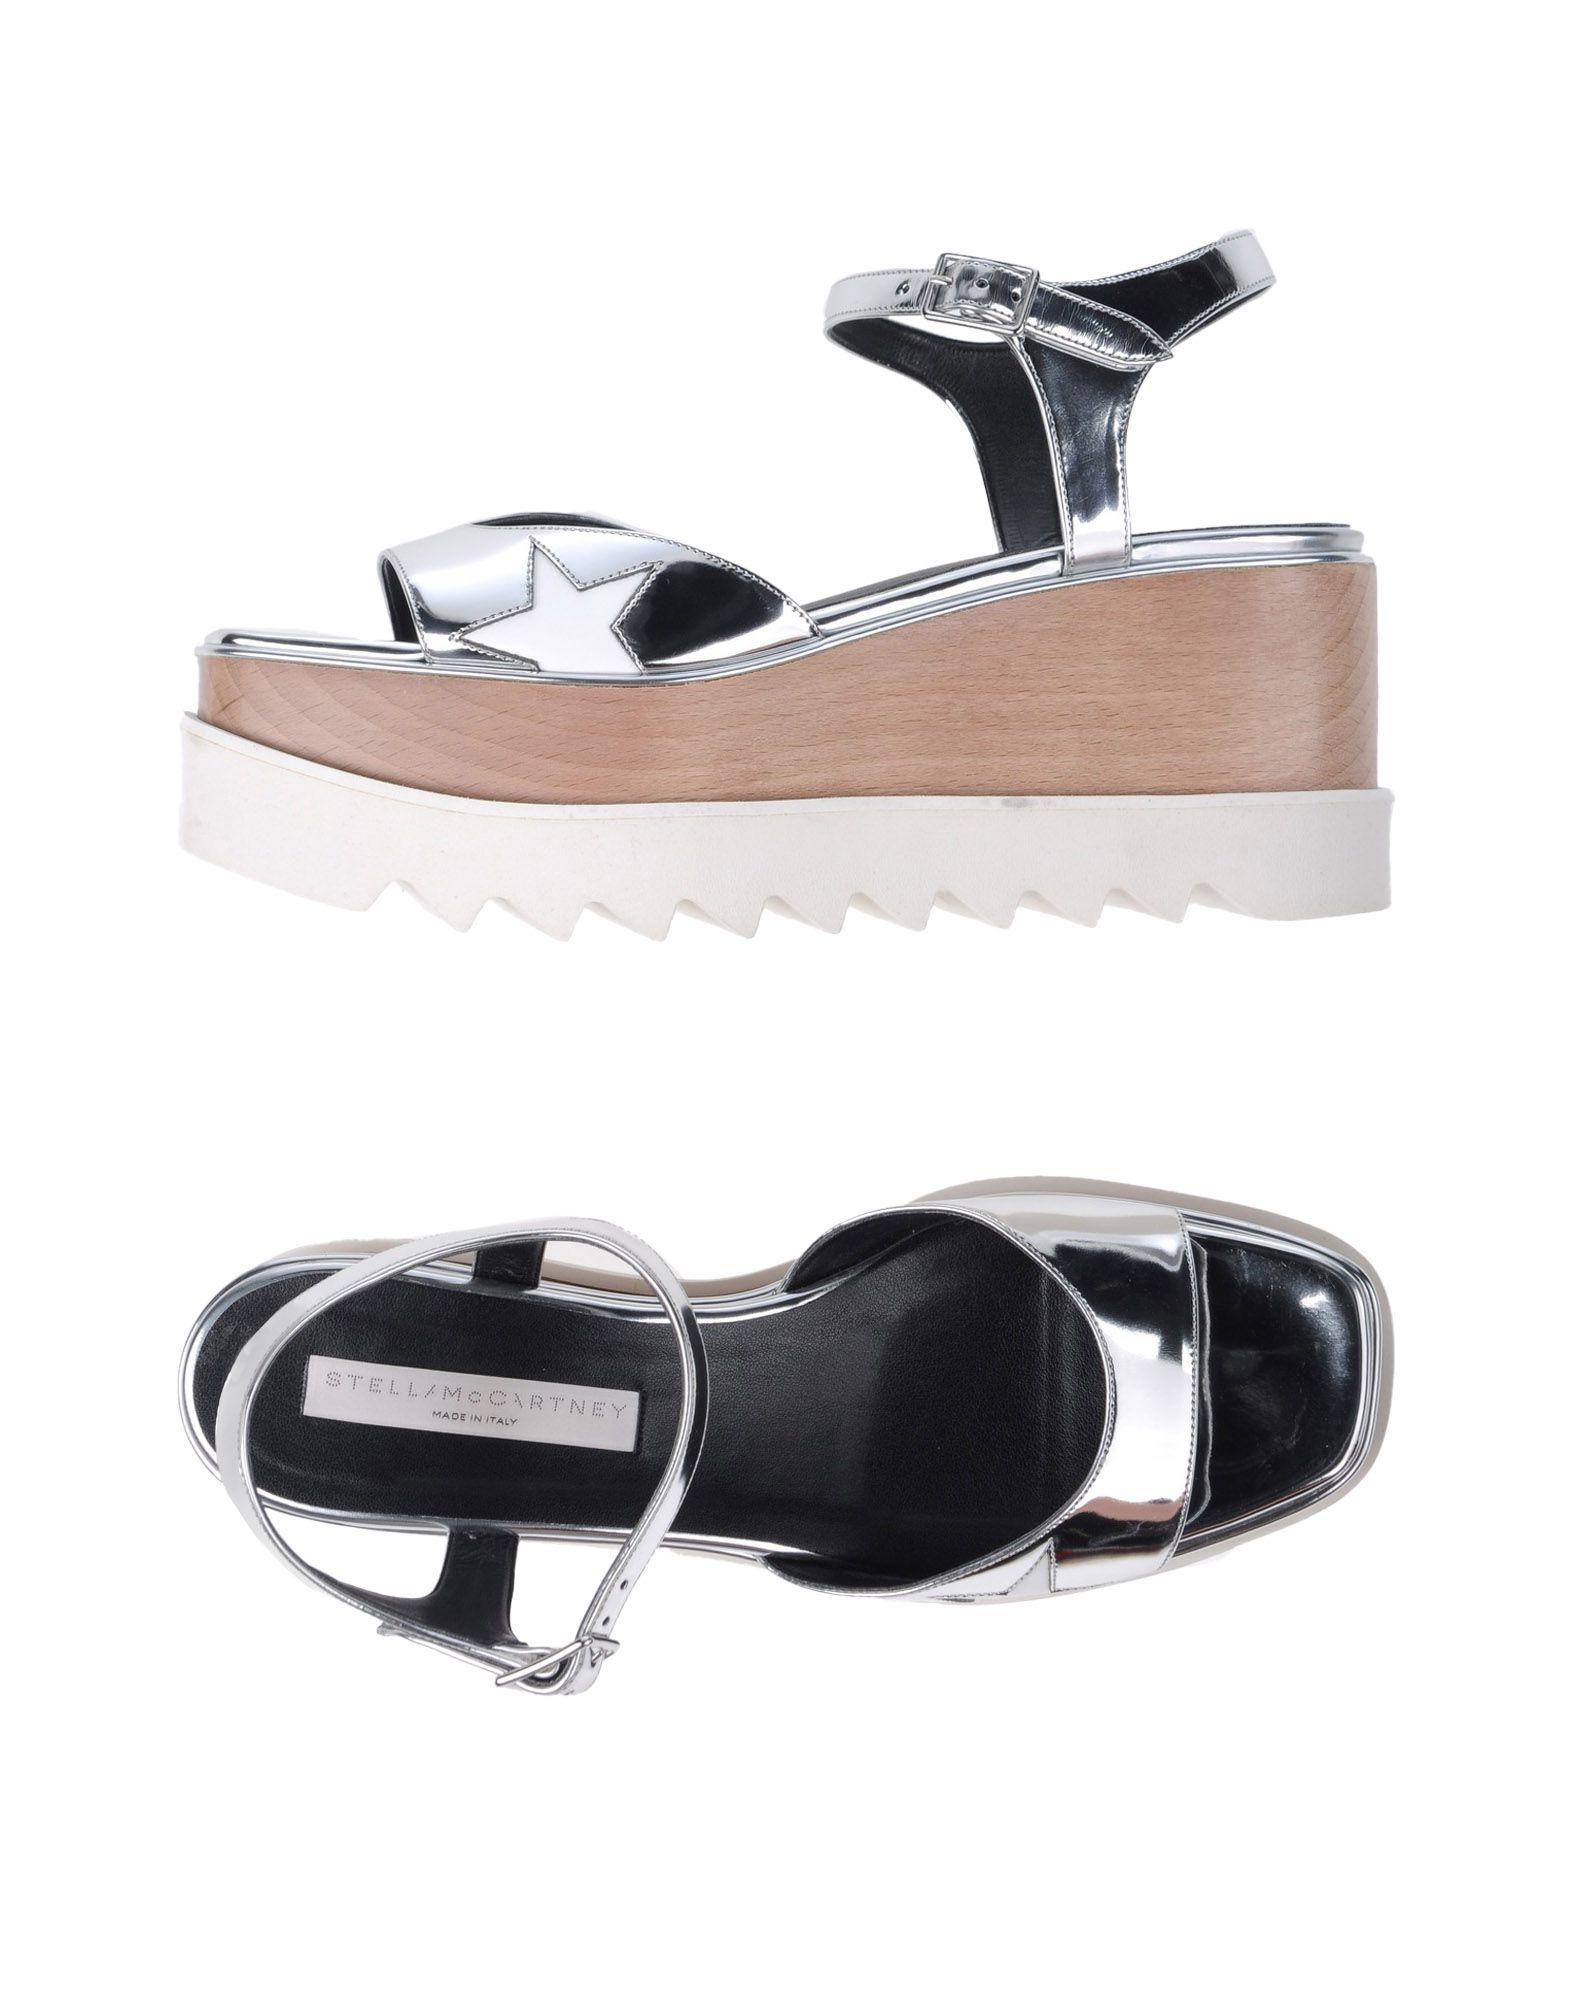 Stella Mccartney Mccartney Stella Sandalen Damen  11330971VH Neue Schuhe 7d871d